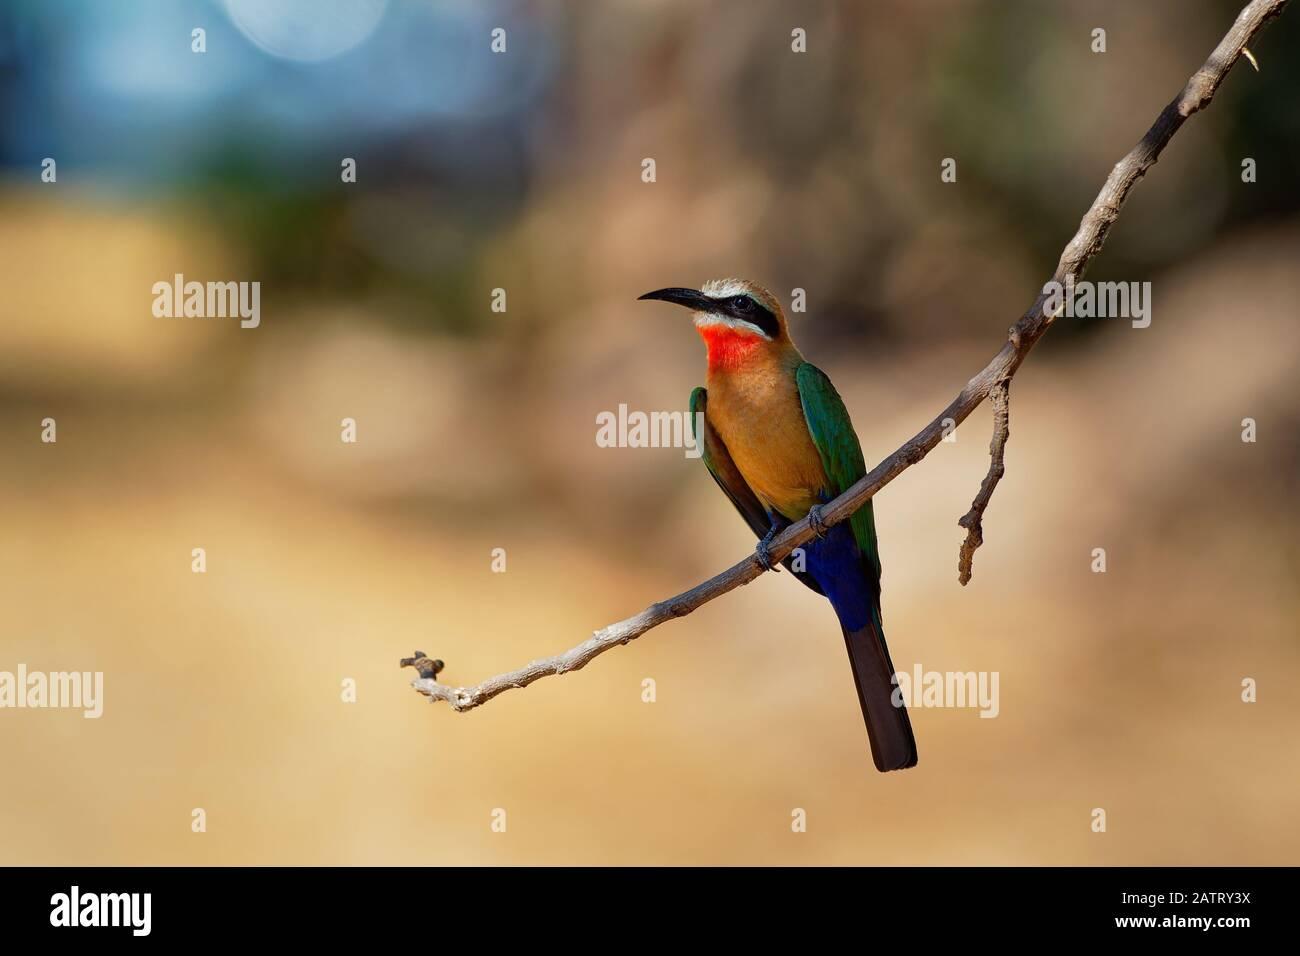 L'Oie rieuse Bee-eater - Merops bullockoides vert et orange et rouge oiseau largement diffusé de sous-L'Afrique équatoriale, nichent en petites colonies, digg Banque D'Images